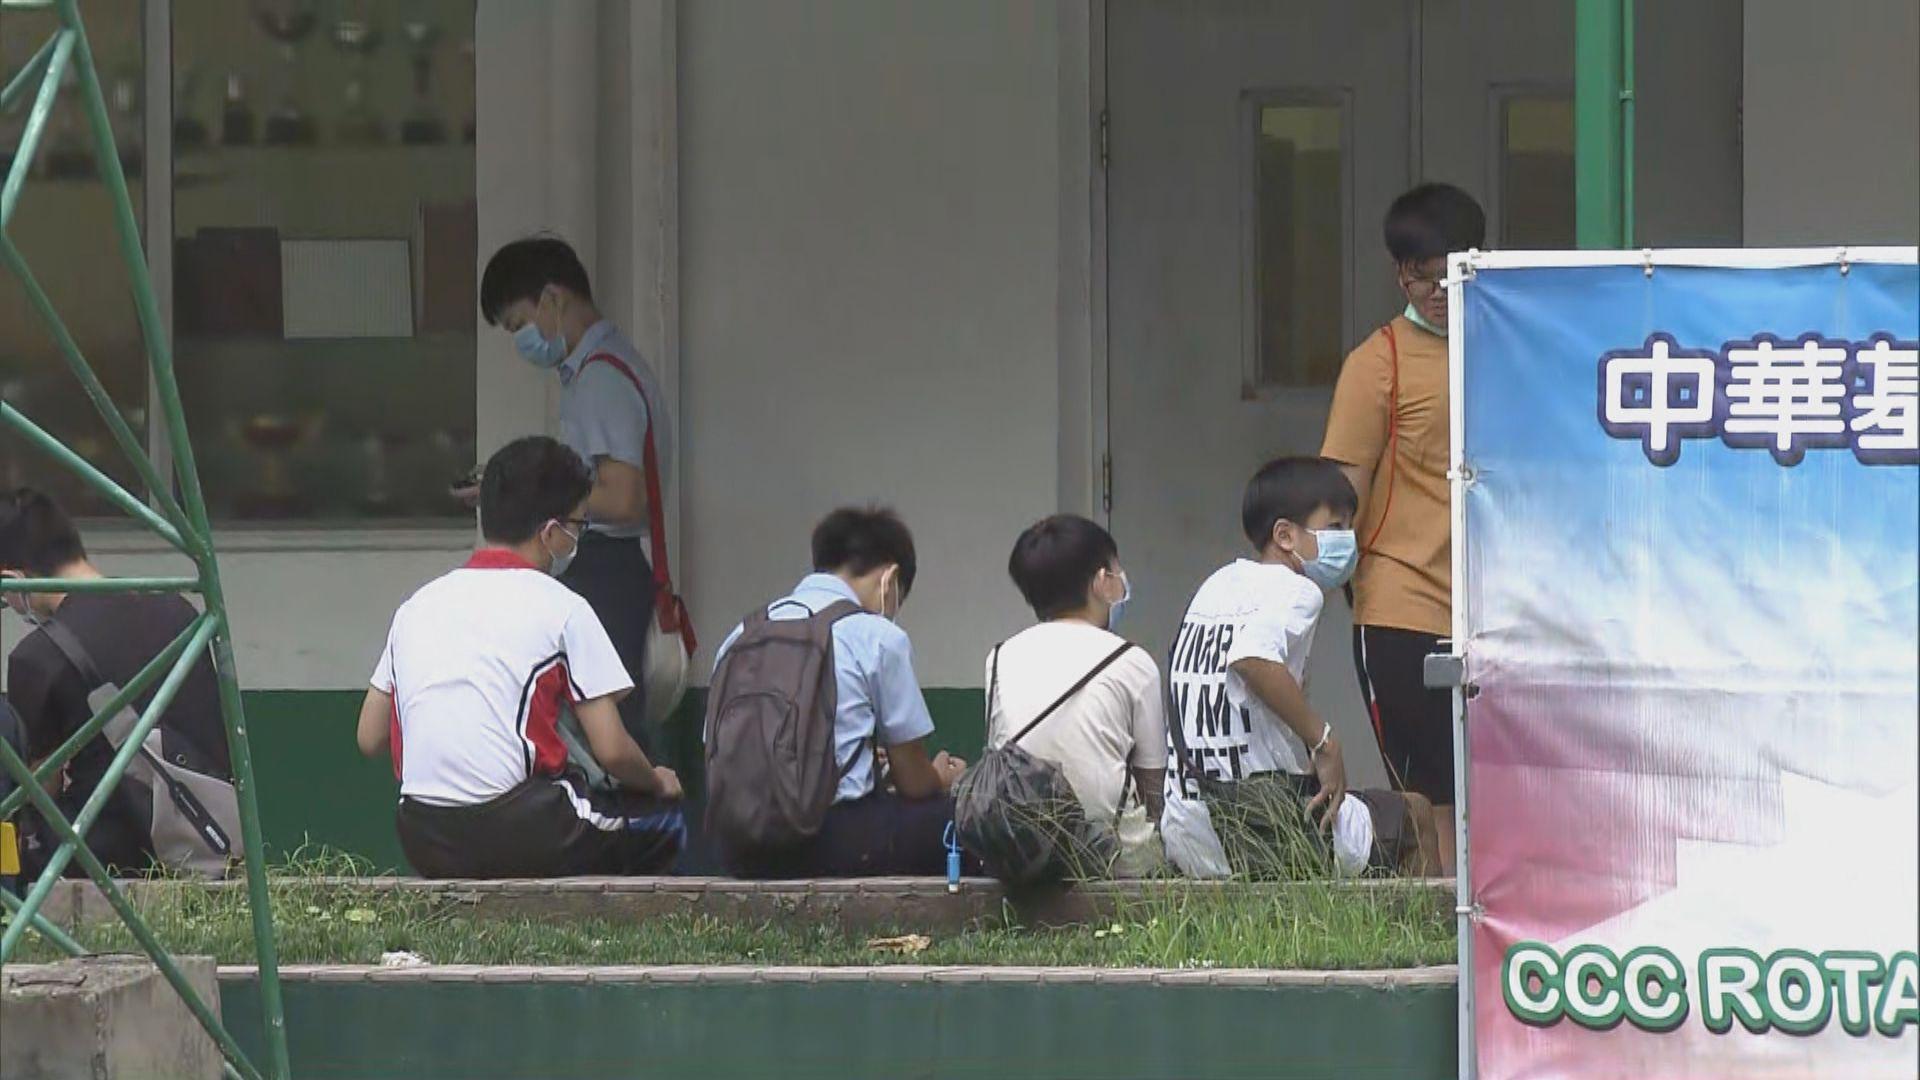 學界冀教育局就應對疫情停課等安排提供統一指引